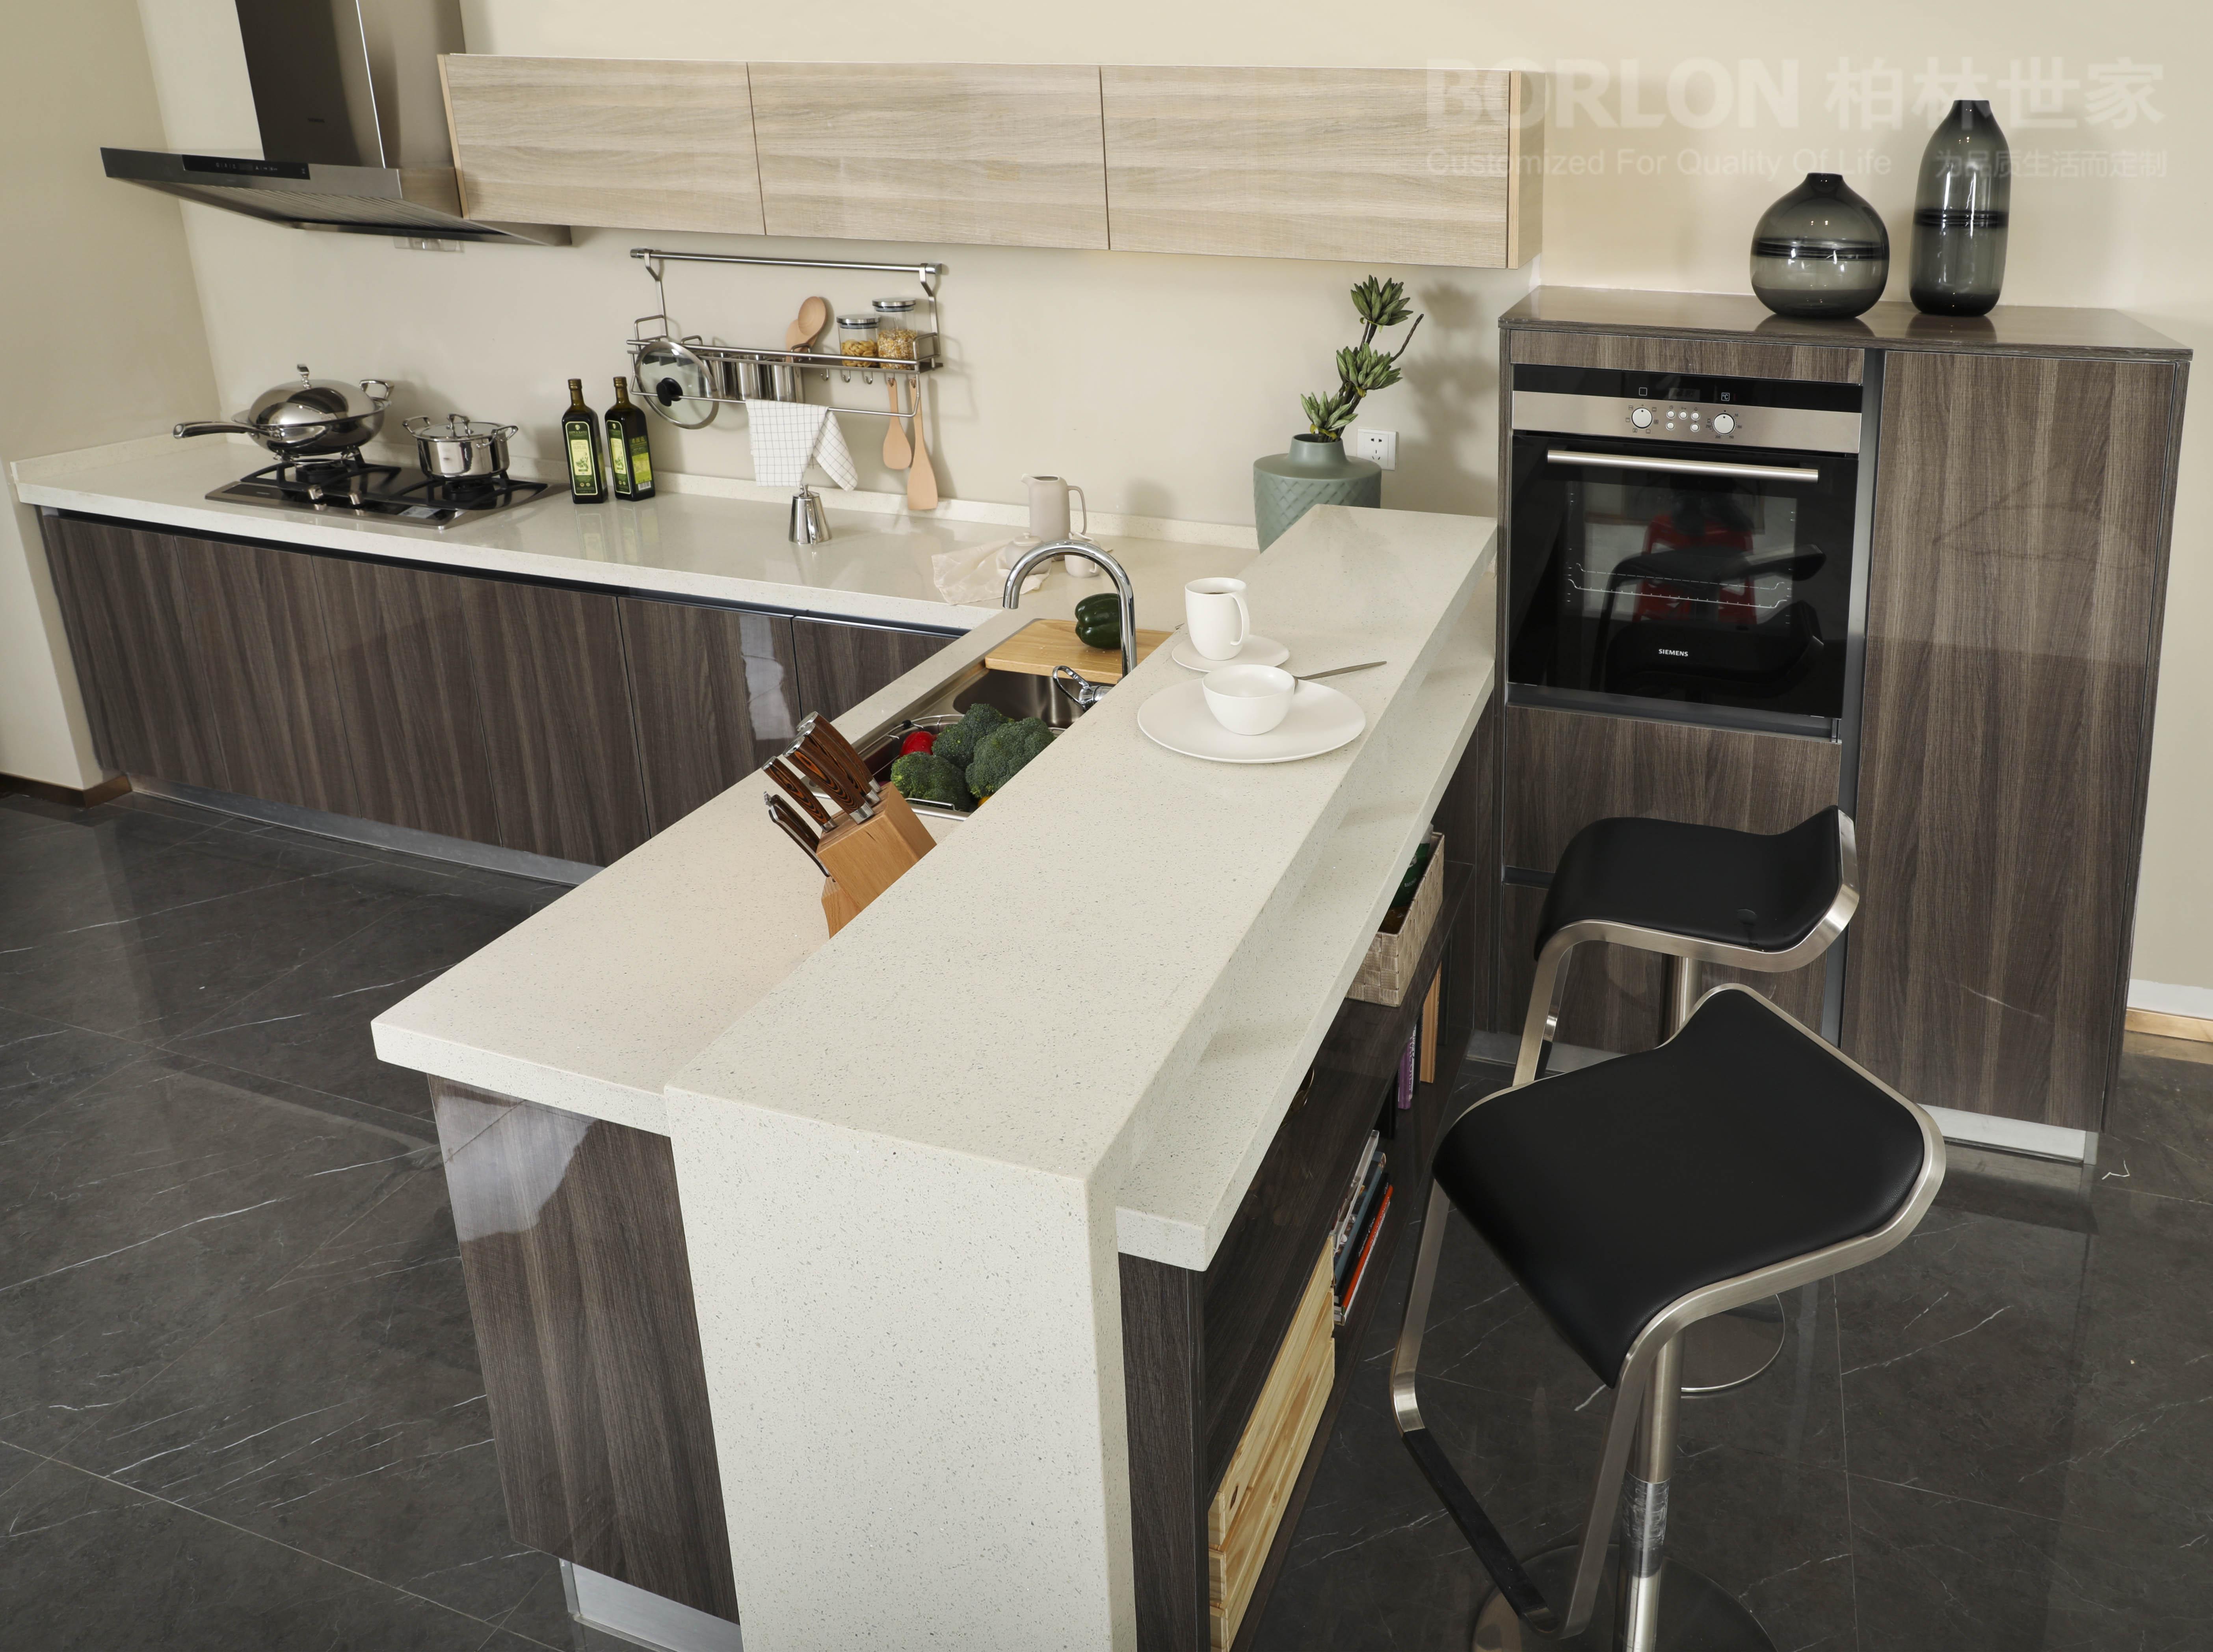 来柏林世家挑选一款品质橱柜,让生活感受时代厨房的魅力